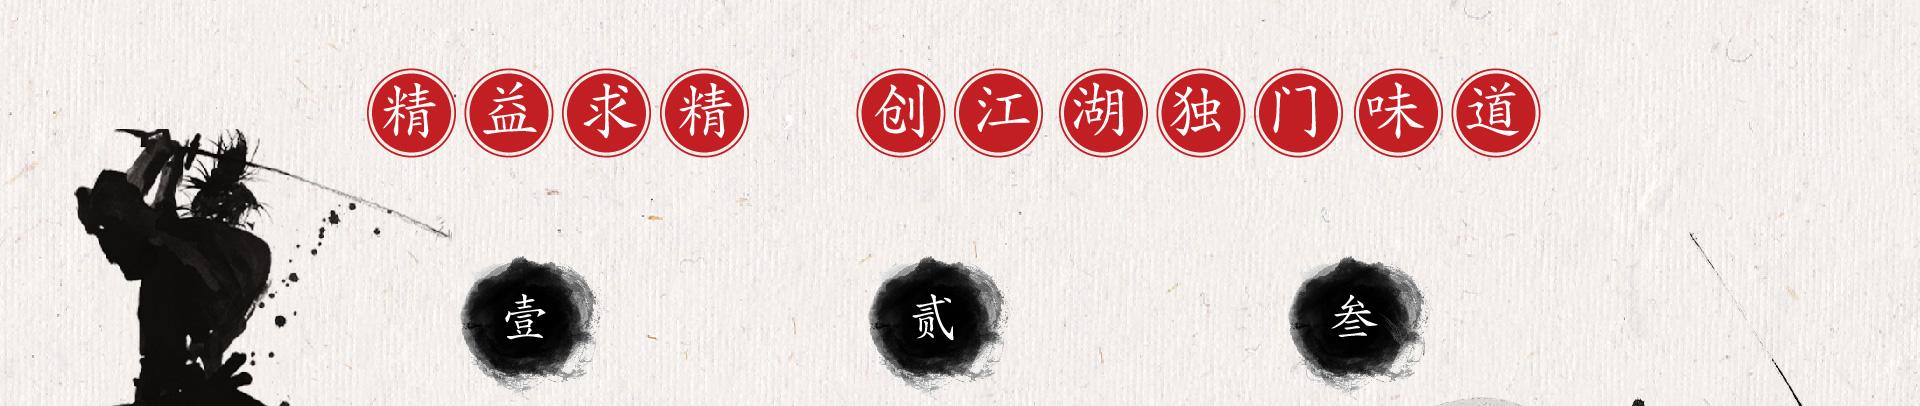 串大侠串串火锅cdx_11